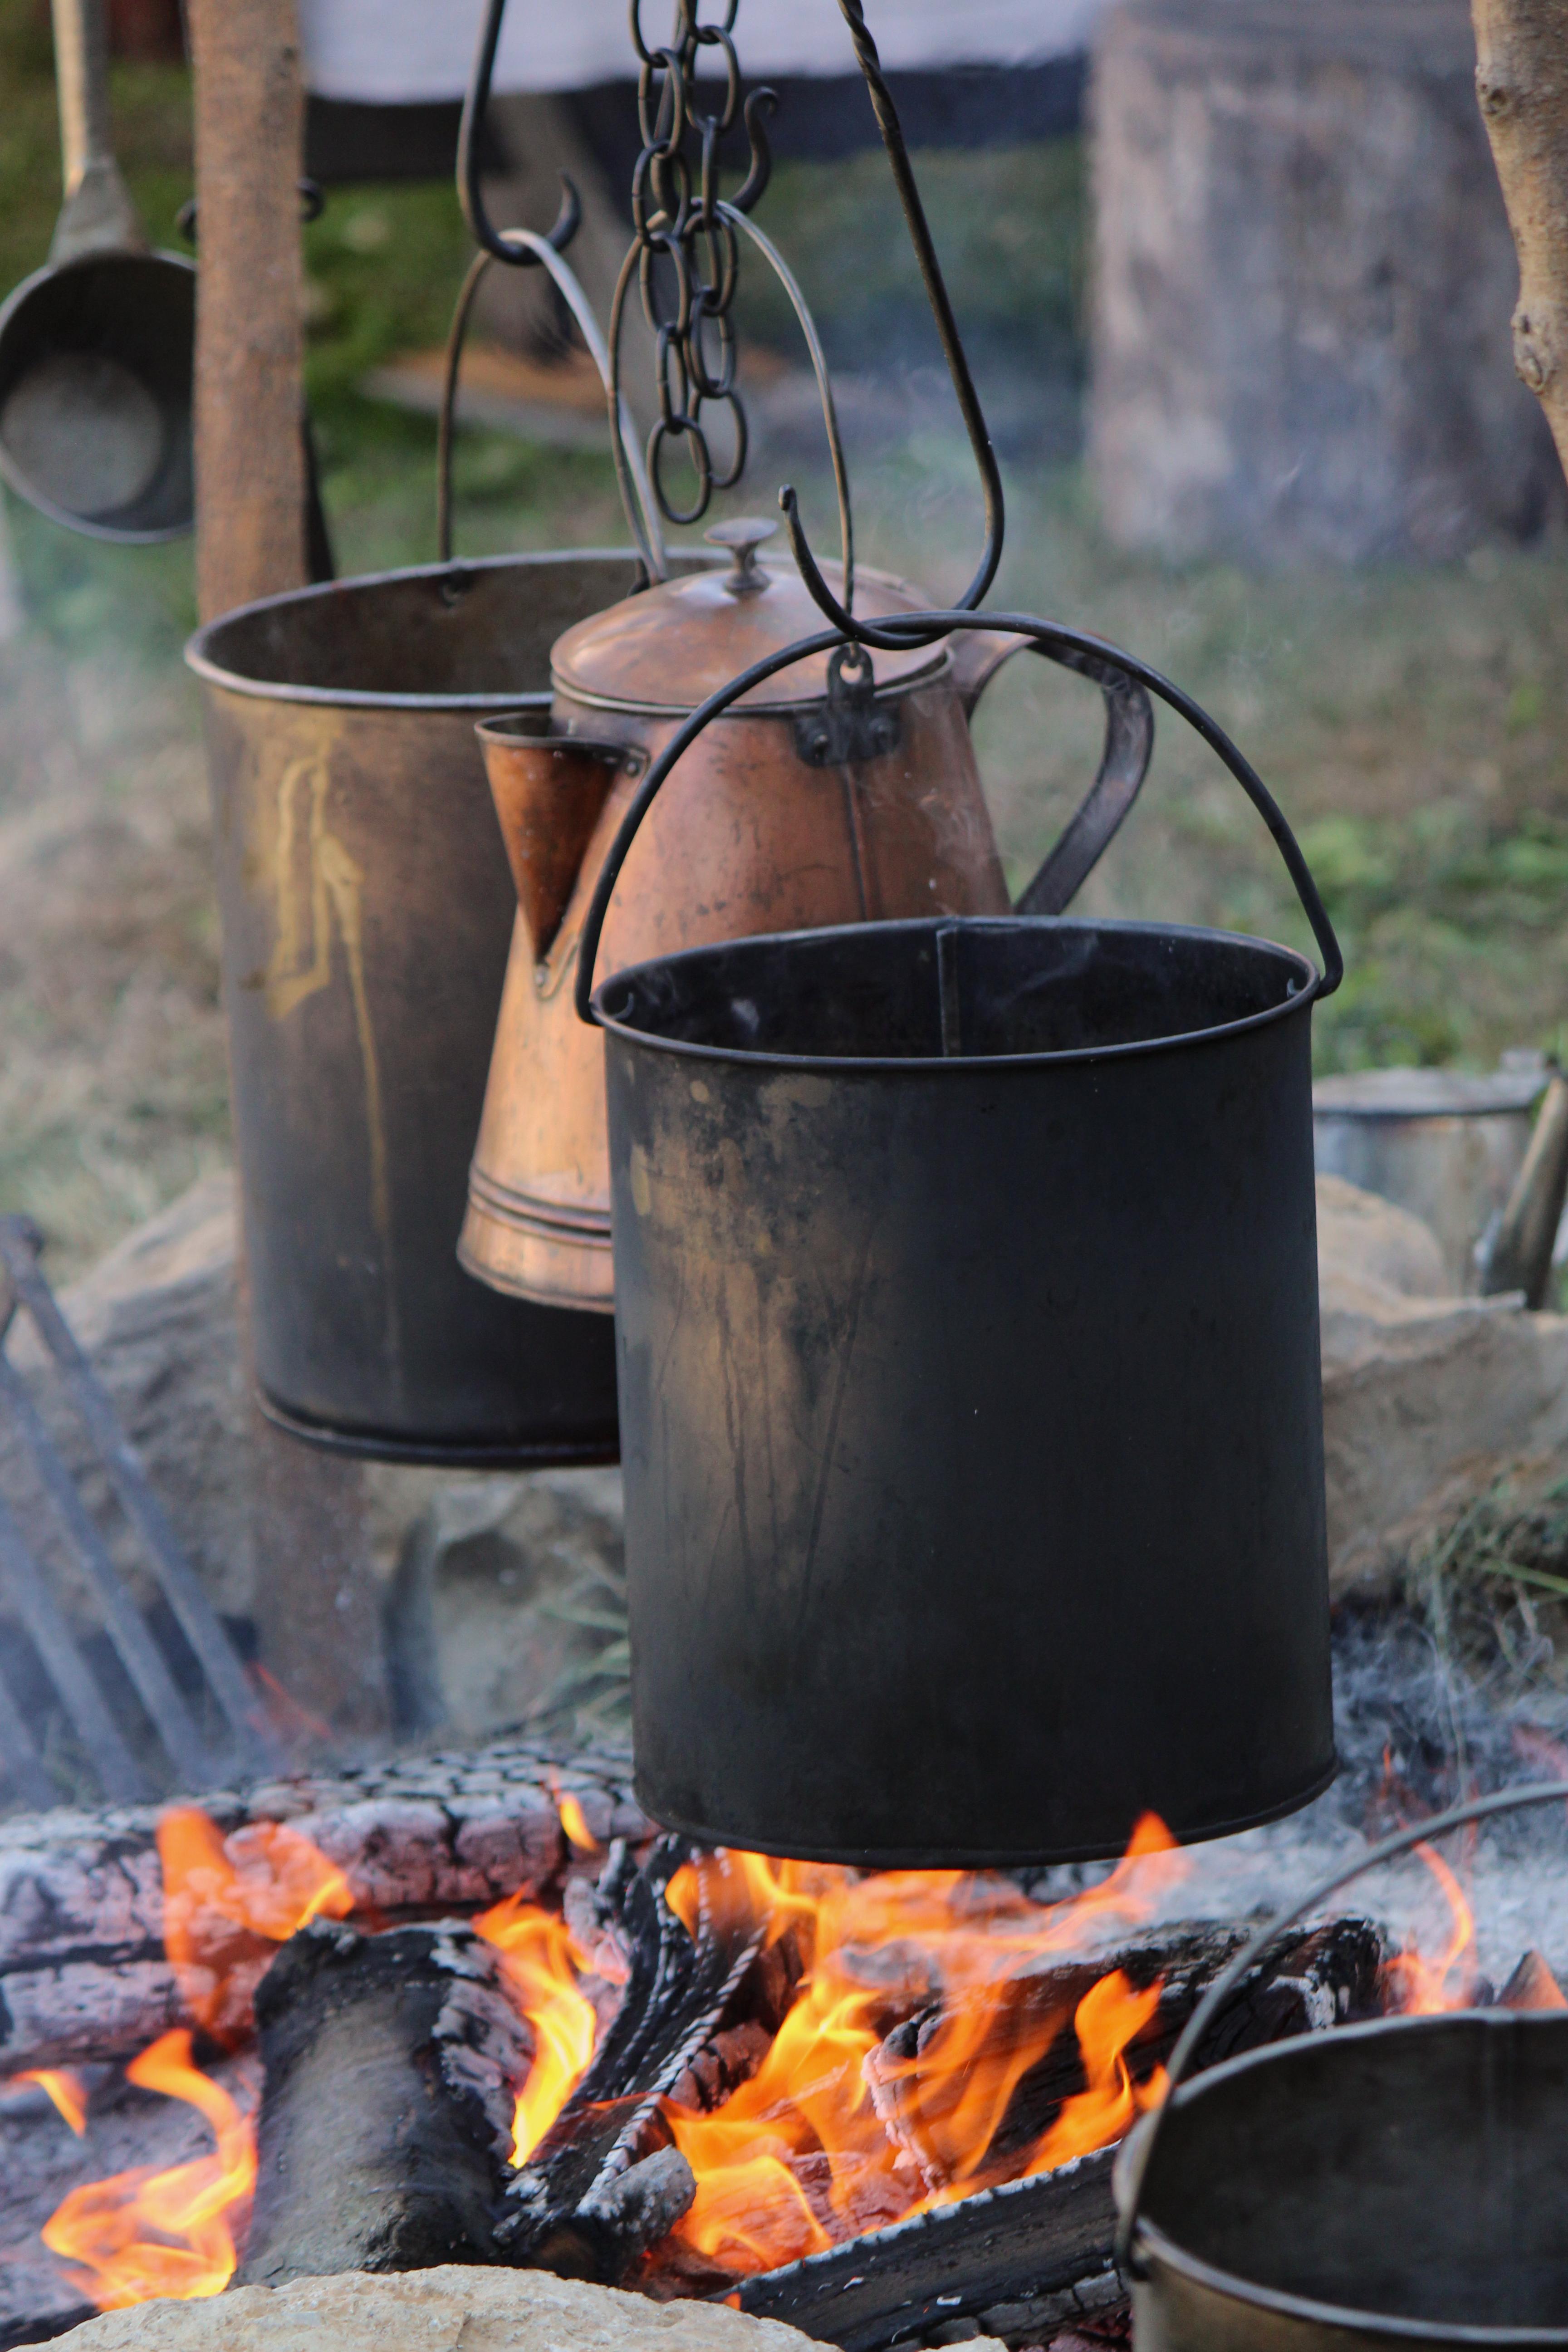 Fiori metalli e buona cucina tour nell 39 artigianato di - Utensili da cucina particolari ...